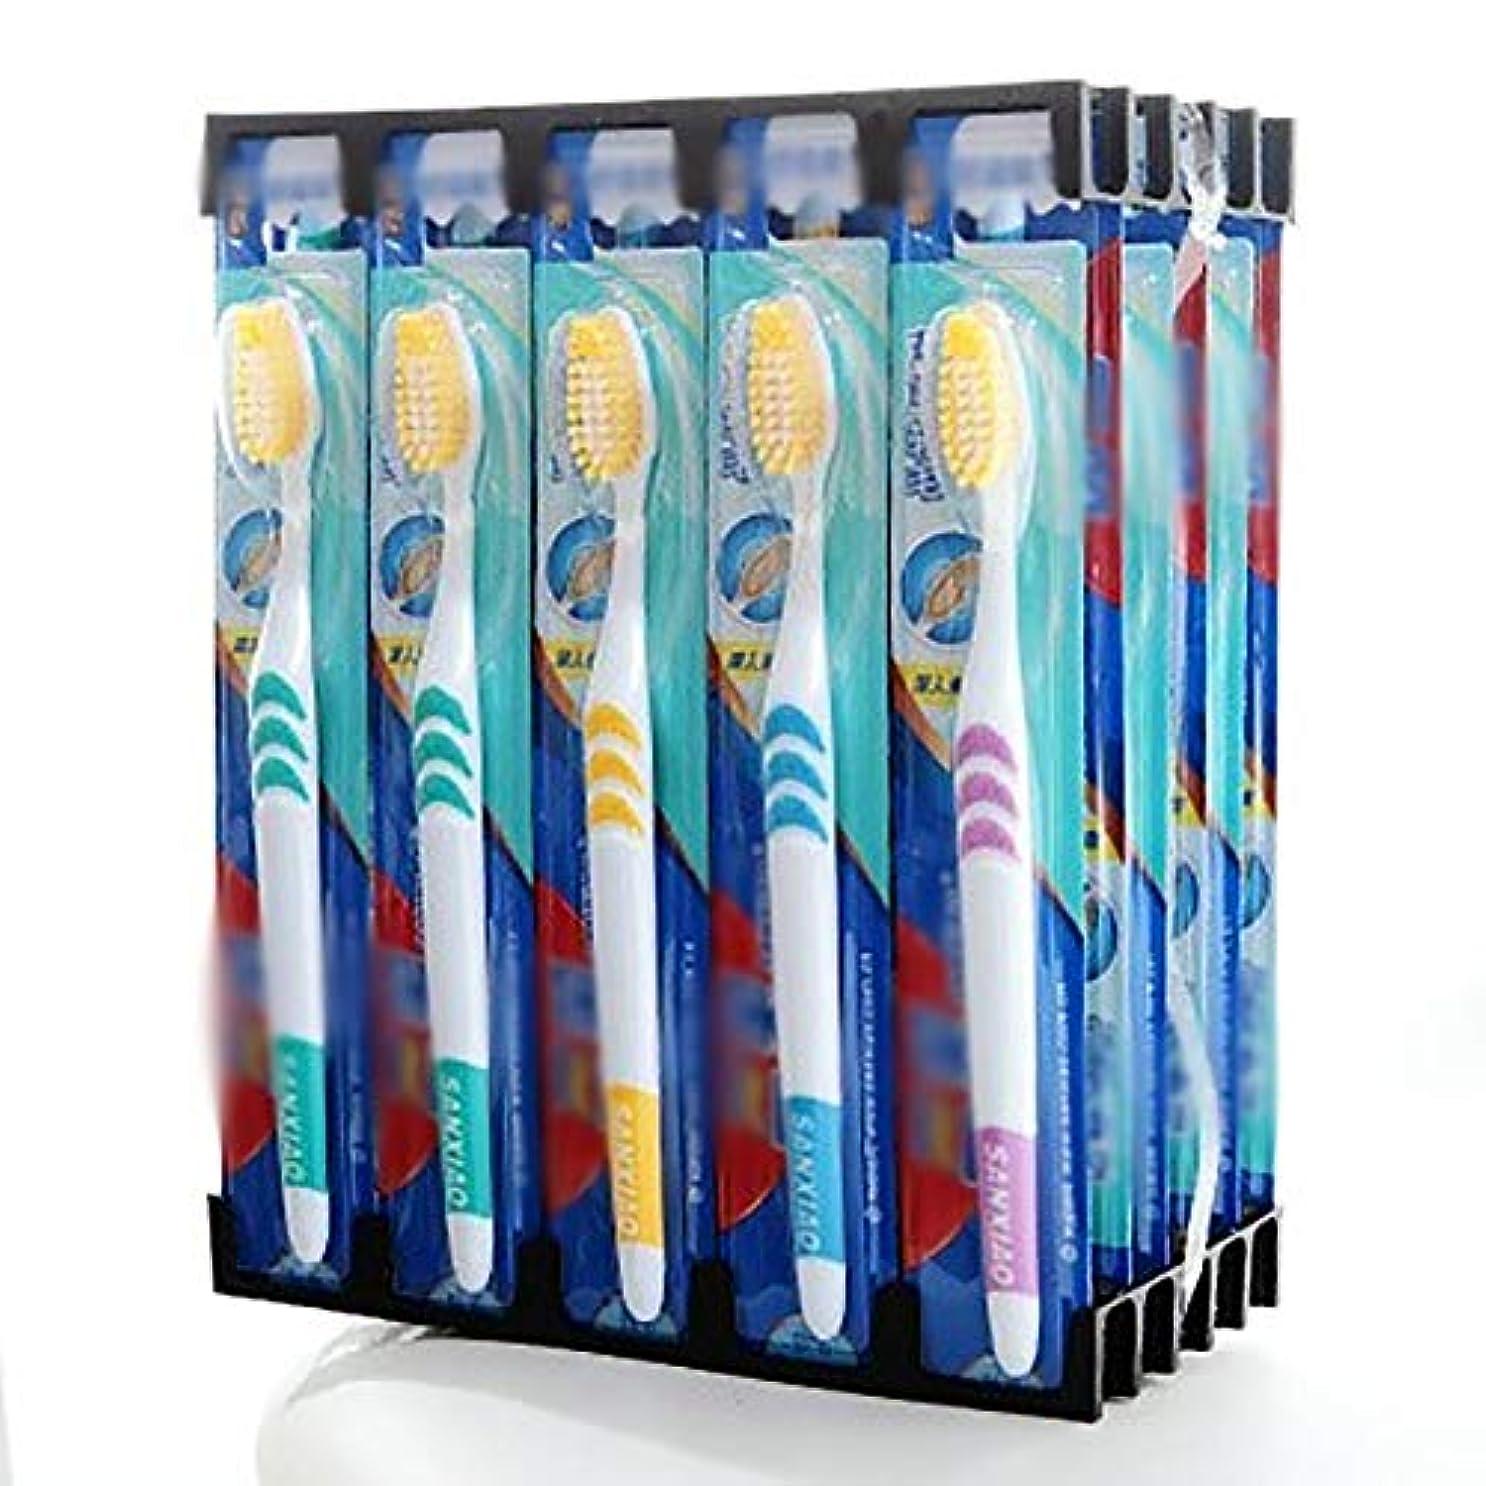 生態学バイオリニスト機械歯ブラシ 大人のための30歯ブラシ、バルク歯ブラシ、ソフト歯ブラシ - 使用可能なスタイルの3種類 HL (色 : C, サイズ : 30 packs)